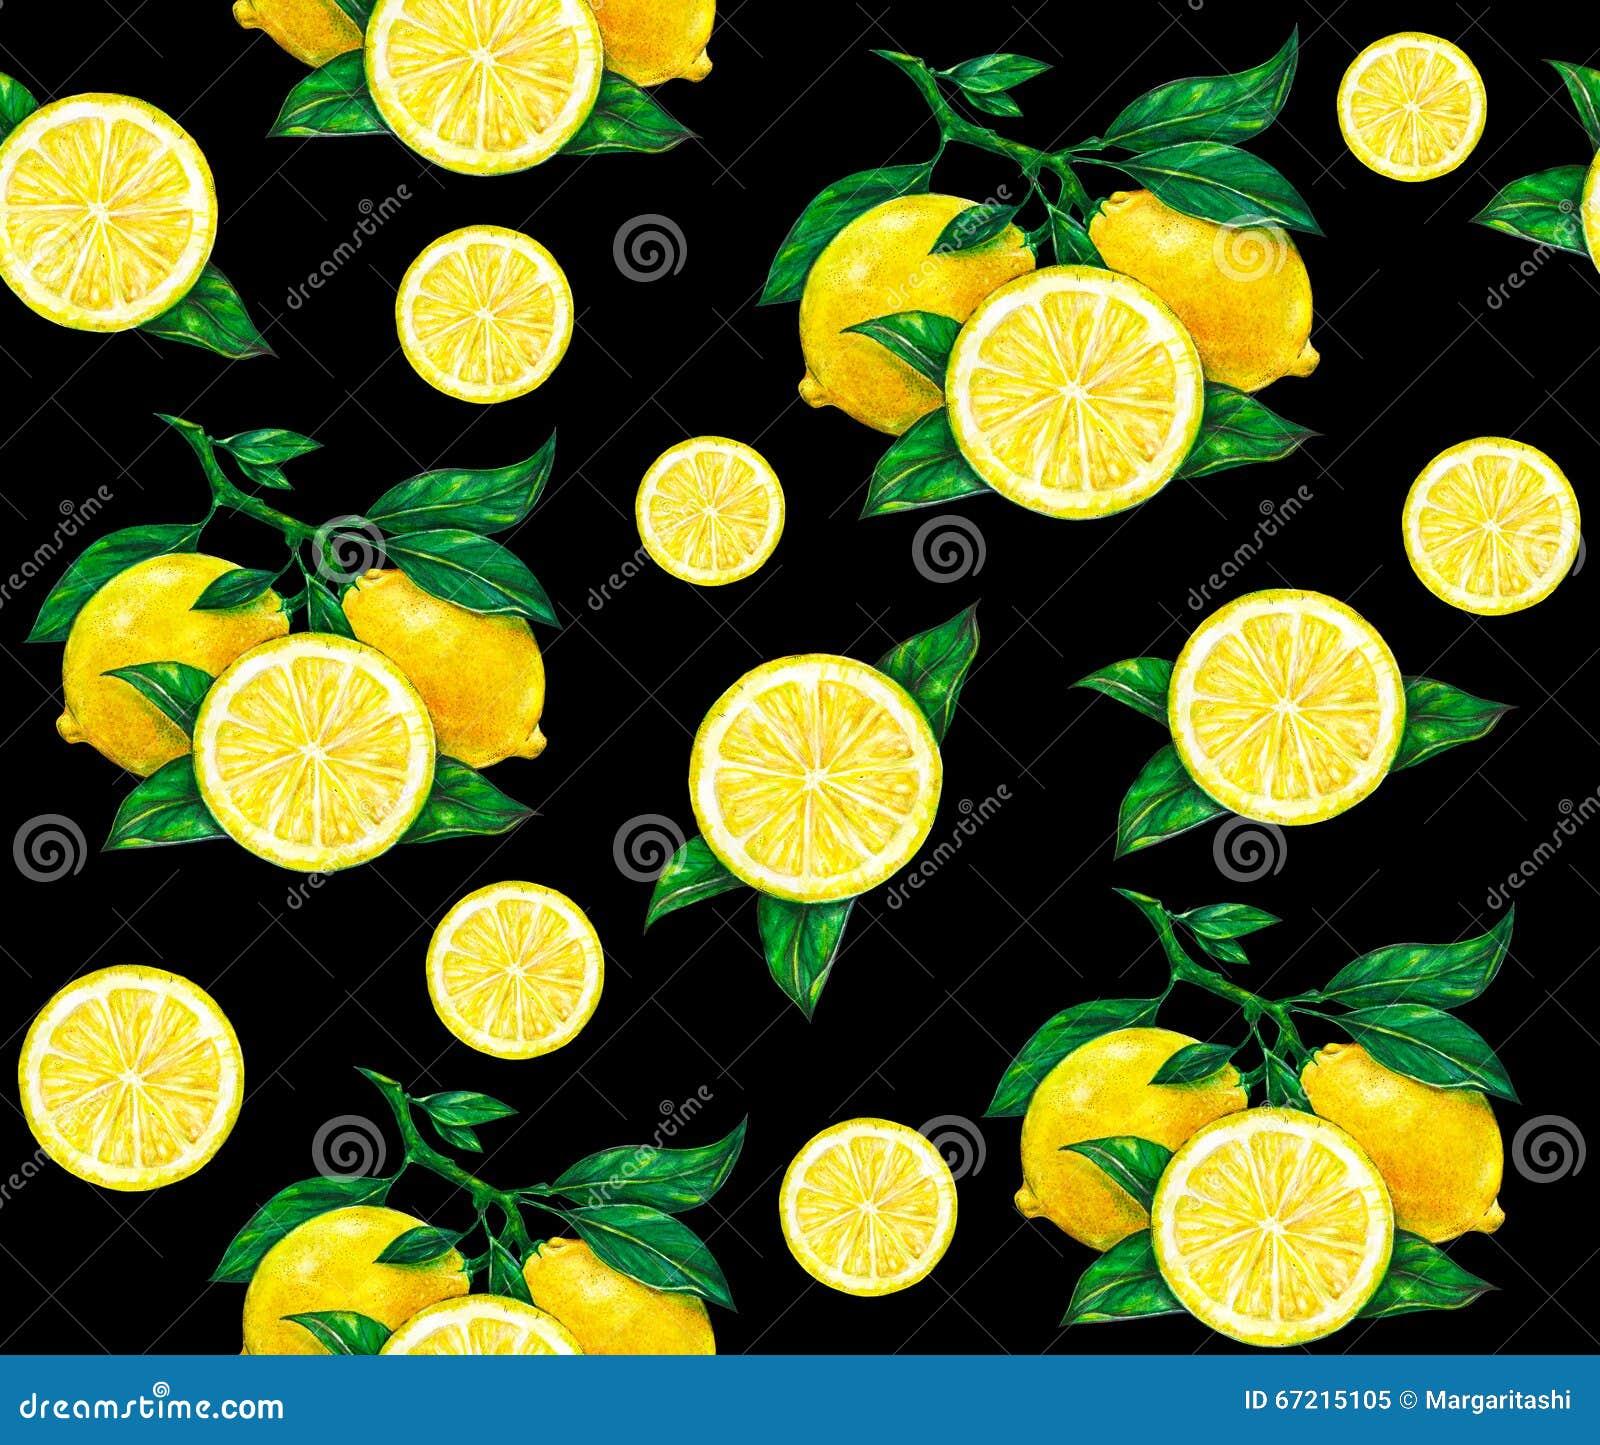 La grande illustration du beau citron jaune porte des - Dessin fond noir ...